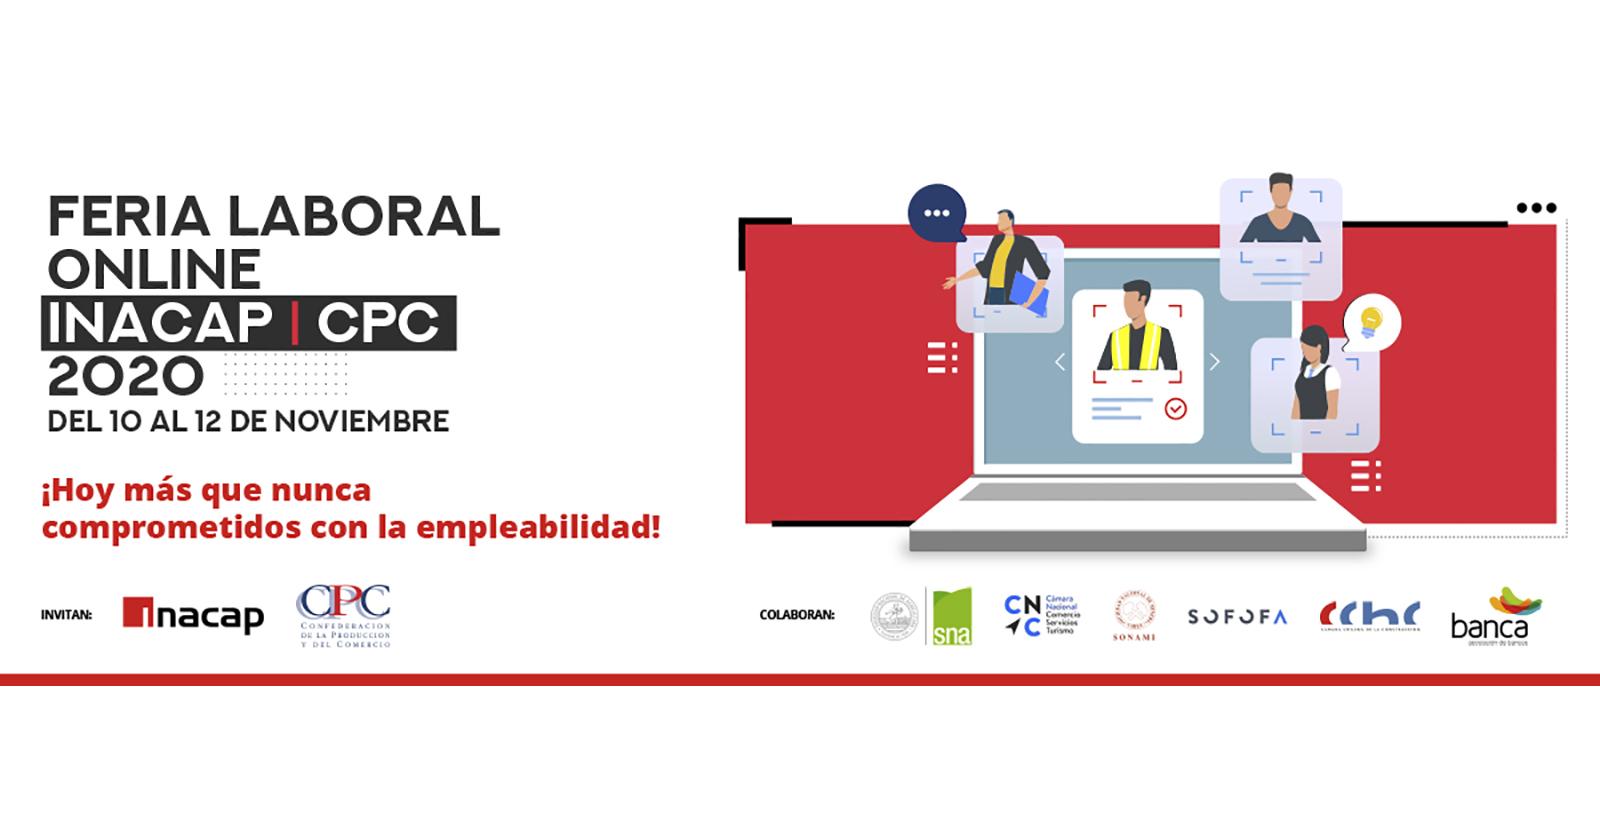 CPC e Inacap ofrecerán puestos de trabajo y prácticas laborales en feria laboral online